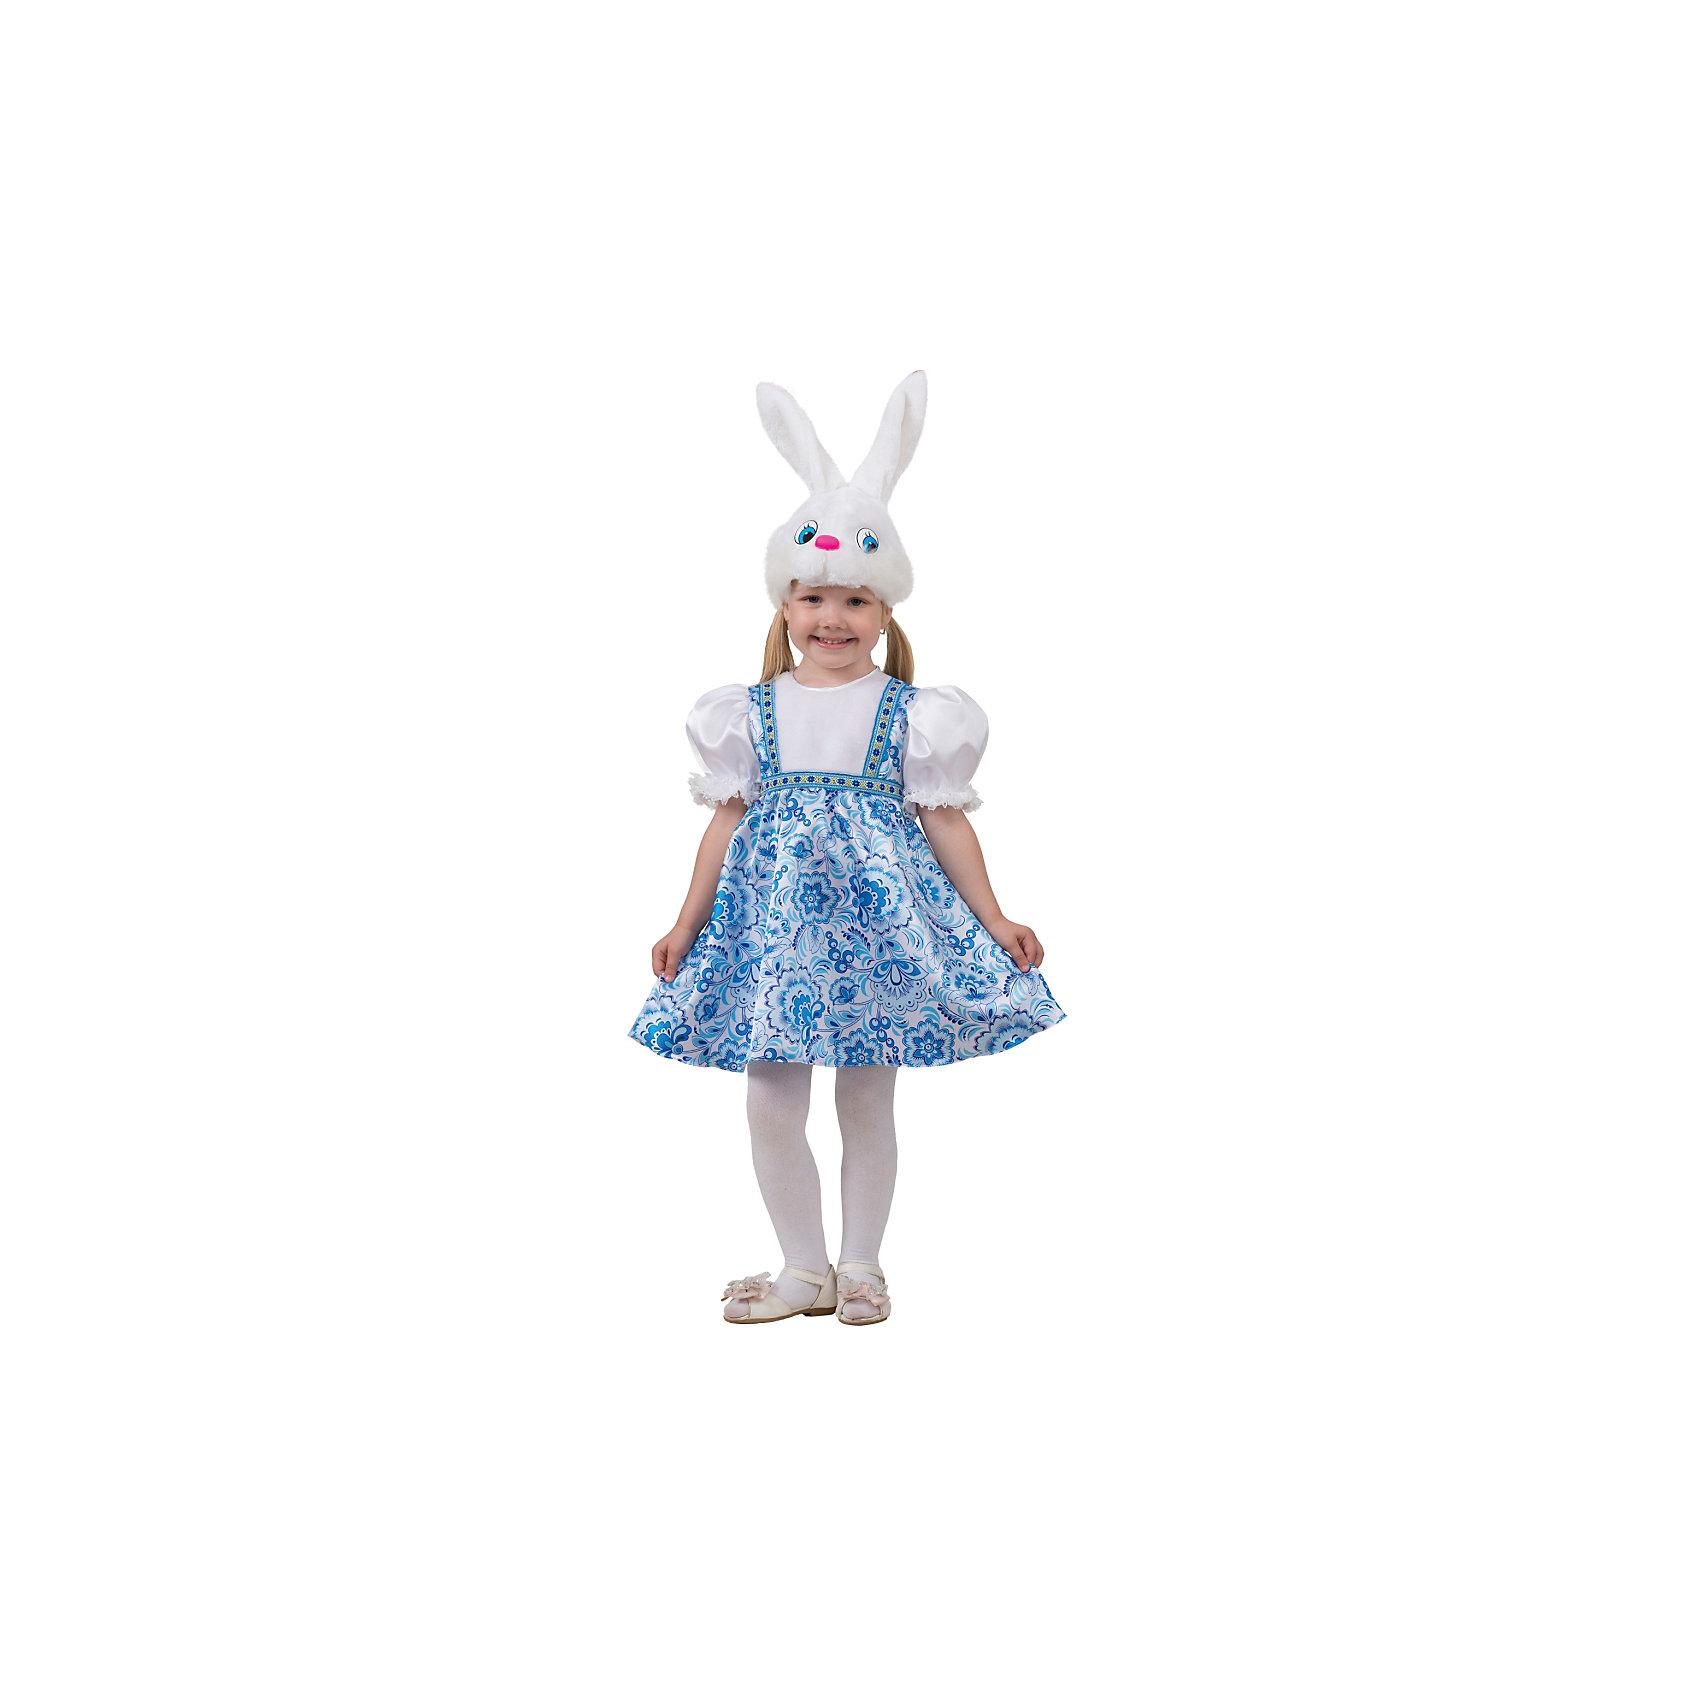 Карнавальный костюм Зайка Симка (сатин), БатикКарнавальный костюм Зайка Симка (сатин), Батик<br><br>Характеристики:<br><br>• Материал: 100% полиэстер.<br>• Цвет: белый, голубой.<br><br>В комплекте:<br><br>• сарафан;<br>• шапка – маска.<br><br><br>Карнавальный костюм для девочек «Зайка Симка» выполнен в  русском стиле из текстильной ткани и качественного искусственного меха. В комплект наряда входит сарафан, выполненный в эксклюзивных принтах в виде гжель. Сарафан приятного голубого цвета, украшен белоснежной меховой вставкой, что дополняет образ. Рукава сарафана выполнены в виде фонариков белого цвета, манжеты выполнены из кружева. Завершает образ Зайки Симки конечно же маска в виде мордочки зайчишки из белоснежного меха. В таком карнавальном костюме, «Зайка Симка»,  ваша девочка получит максимальное удовольствие от праздника и подарит радость окружающим!<br><br>Карнавальный костюм Зайка Симка, Батик можно купить в нашем интернет – магазине.<br><br>Ширина мм: 500<br>Глубина мм: 50<br>Высота мм: 700<br>Вес г: 600<br>Цвет: разноцветный<br>Возраст от месяцев: 36<br>Возраст до месяцев: 48<br>Пол: Женский<br>Возраст: Детский<br>Размер: 26,28<br>SKU: 5092559